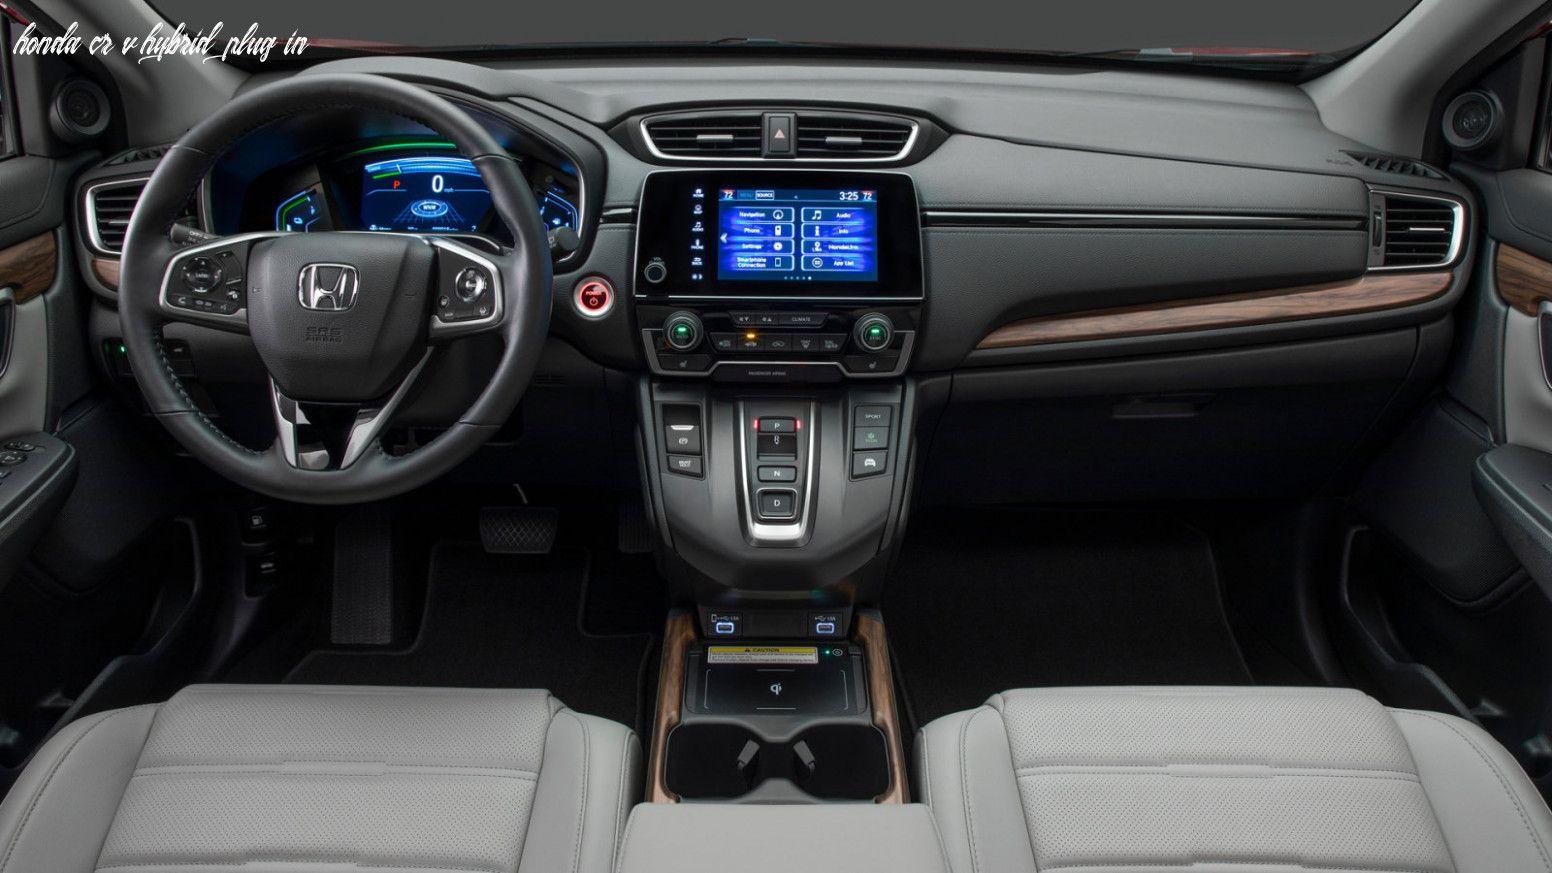 Honda Cr V Hybrid Plug In In 2020 Honda Crv Interior Honda Crv Honda Crv Hybrid